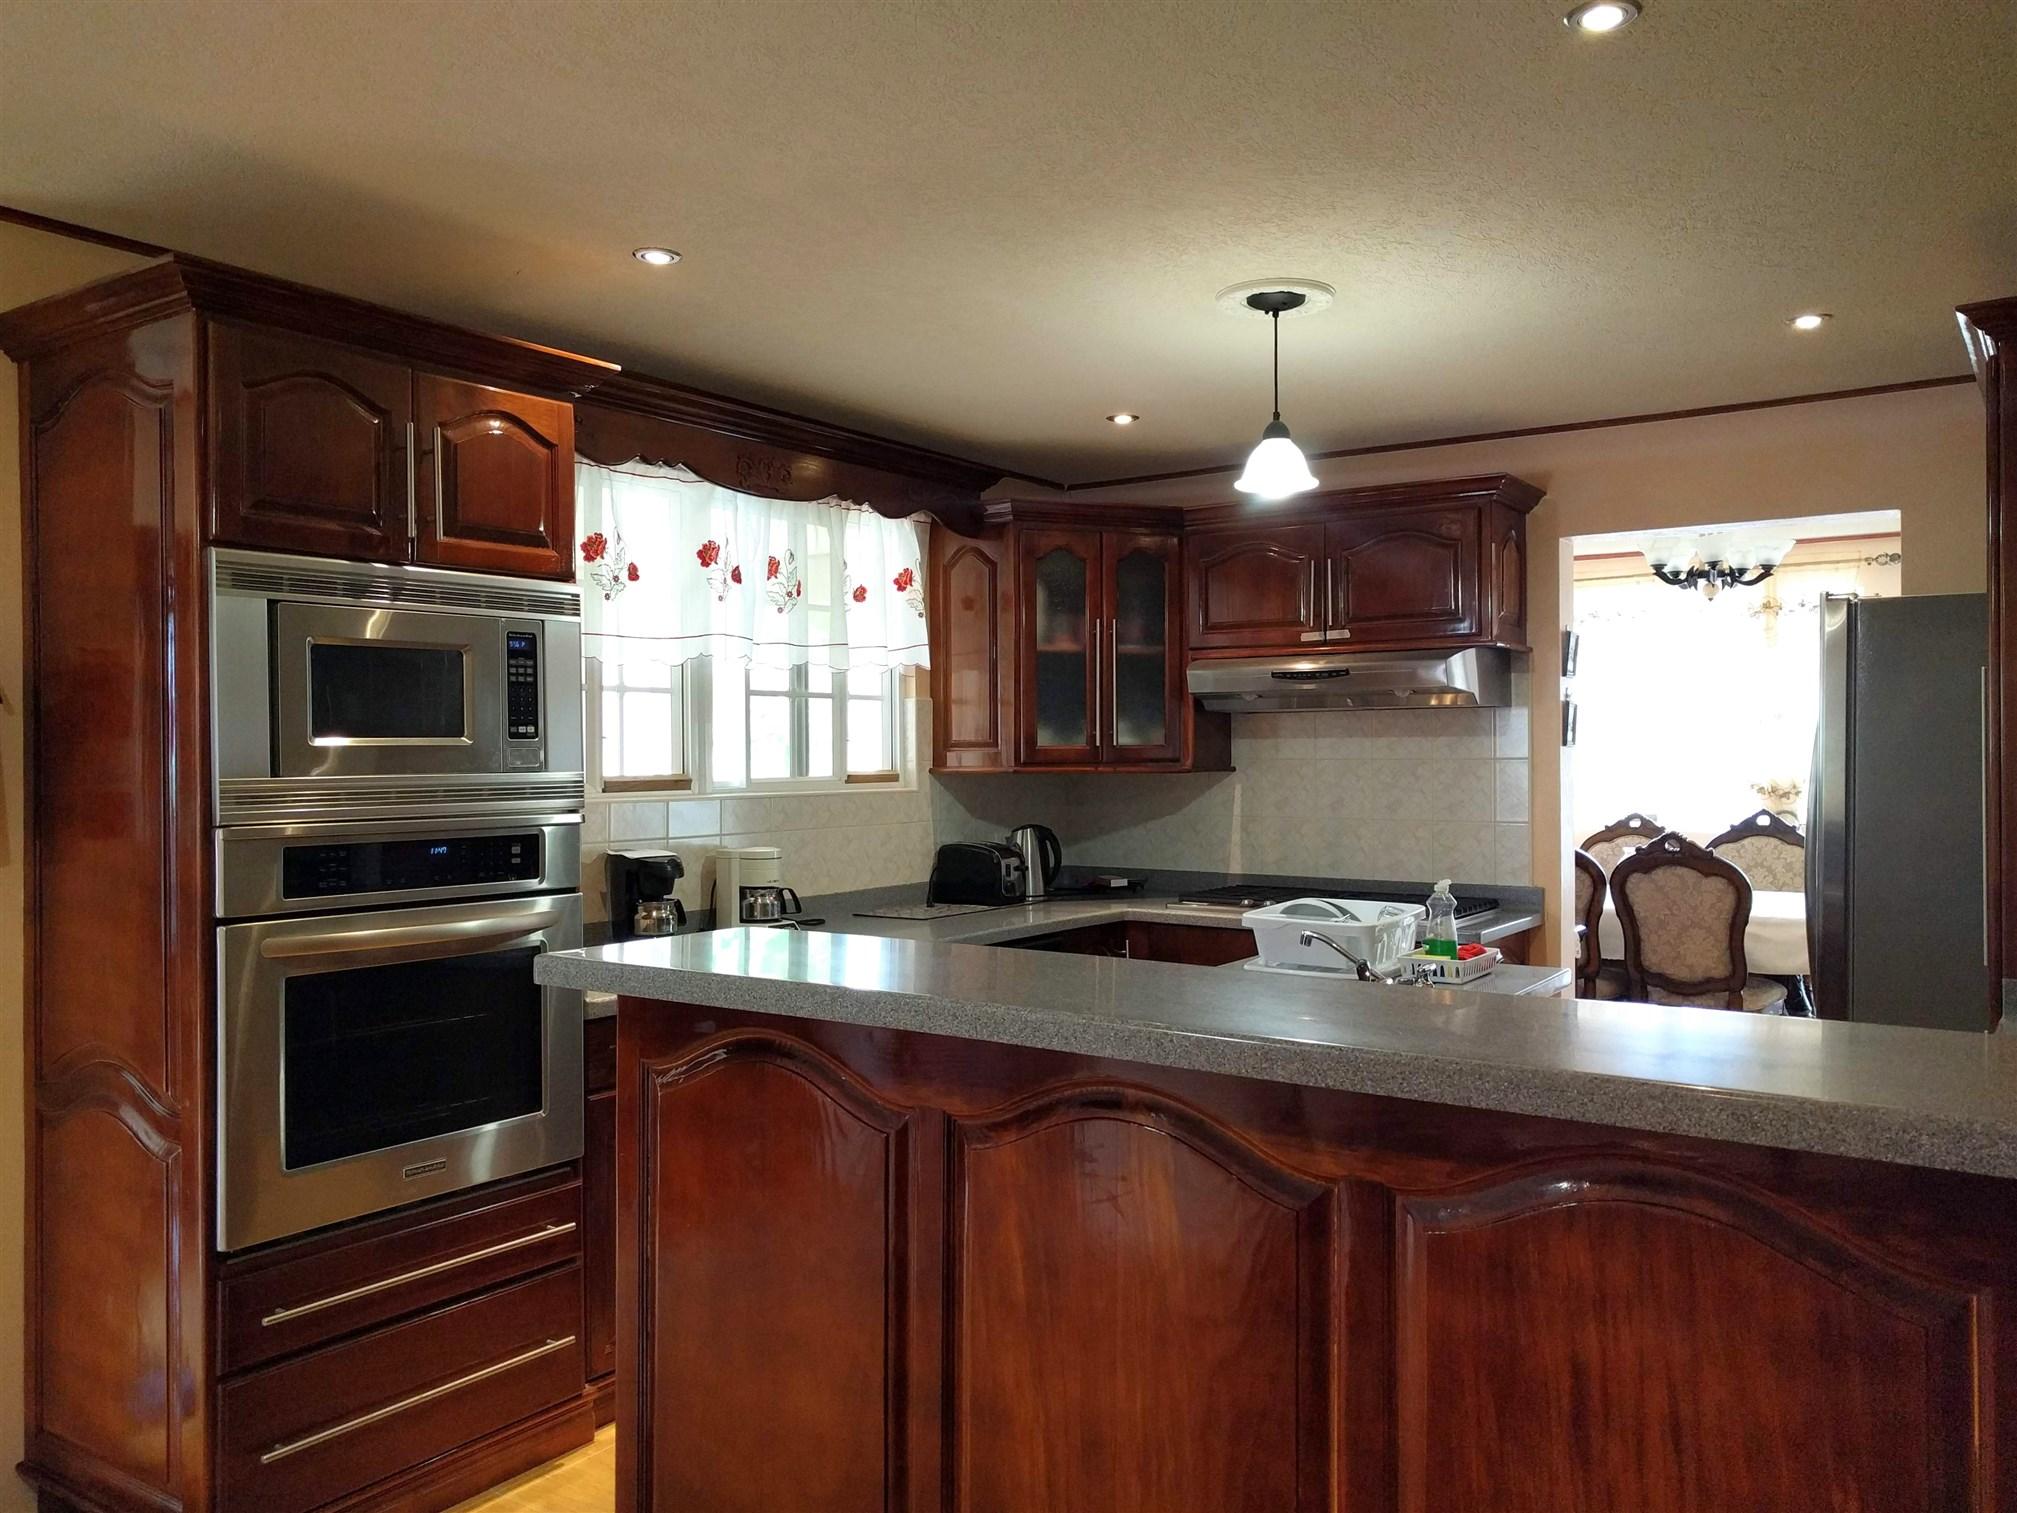 Kitchen, Mount Standfast, St. James